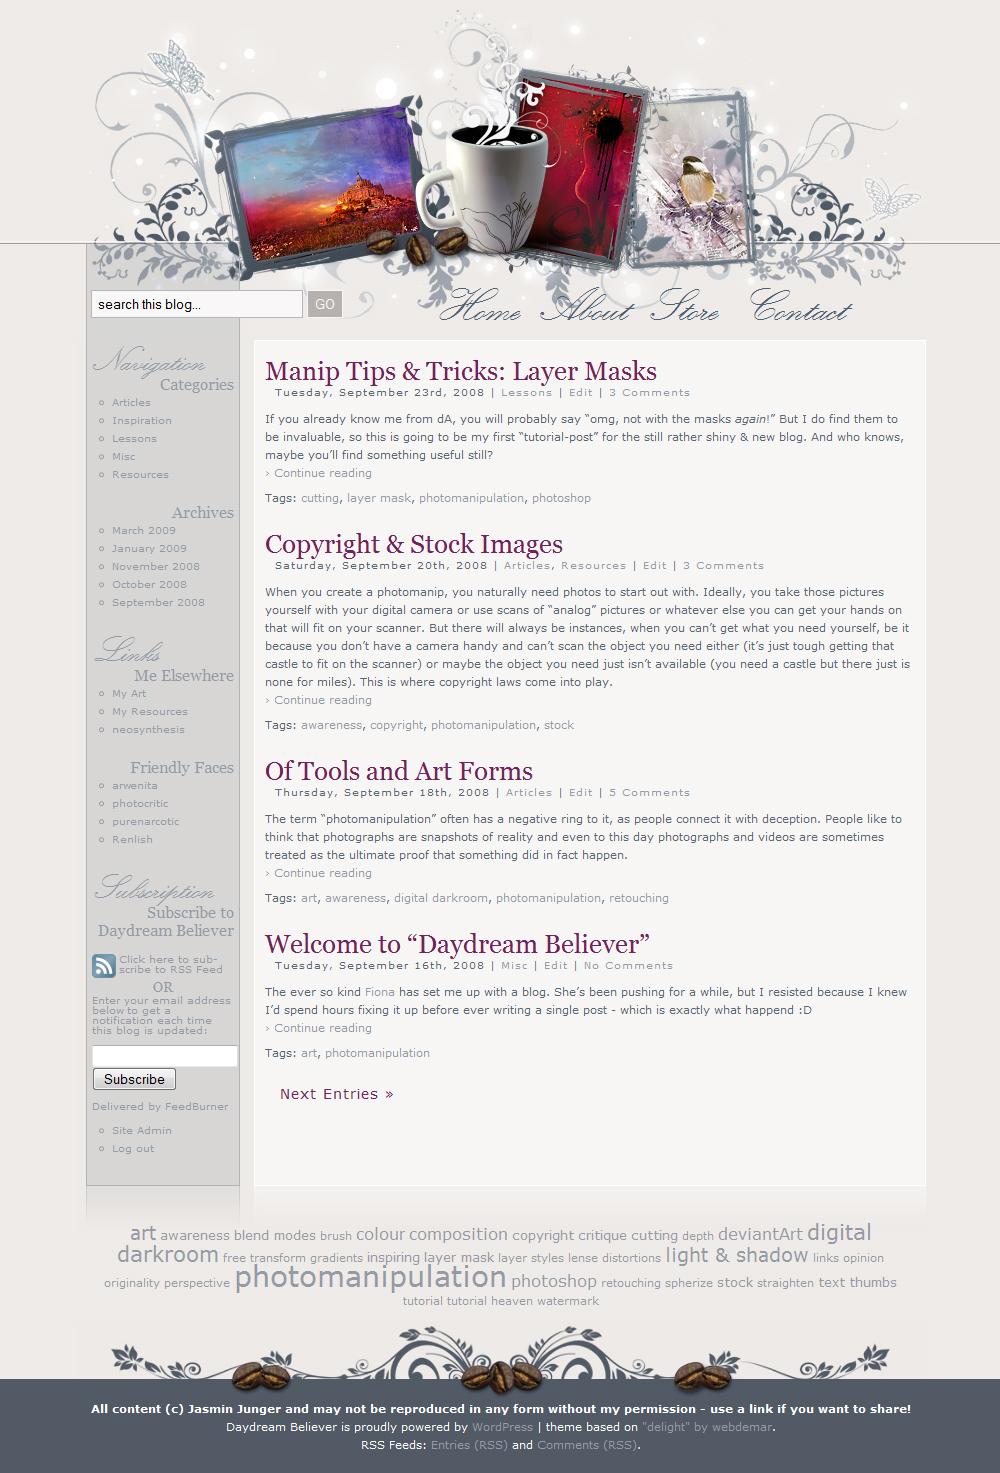 Daydream Believer - webdesign by kuschelirmel